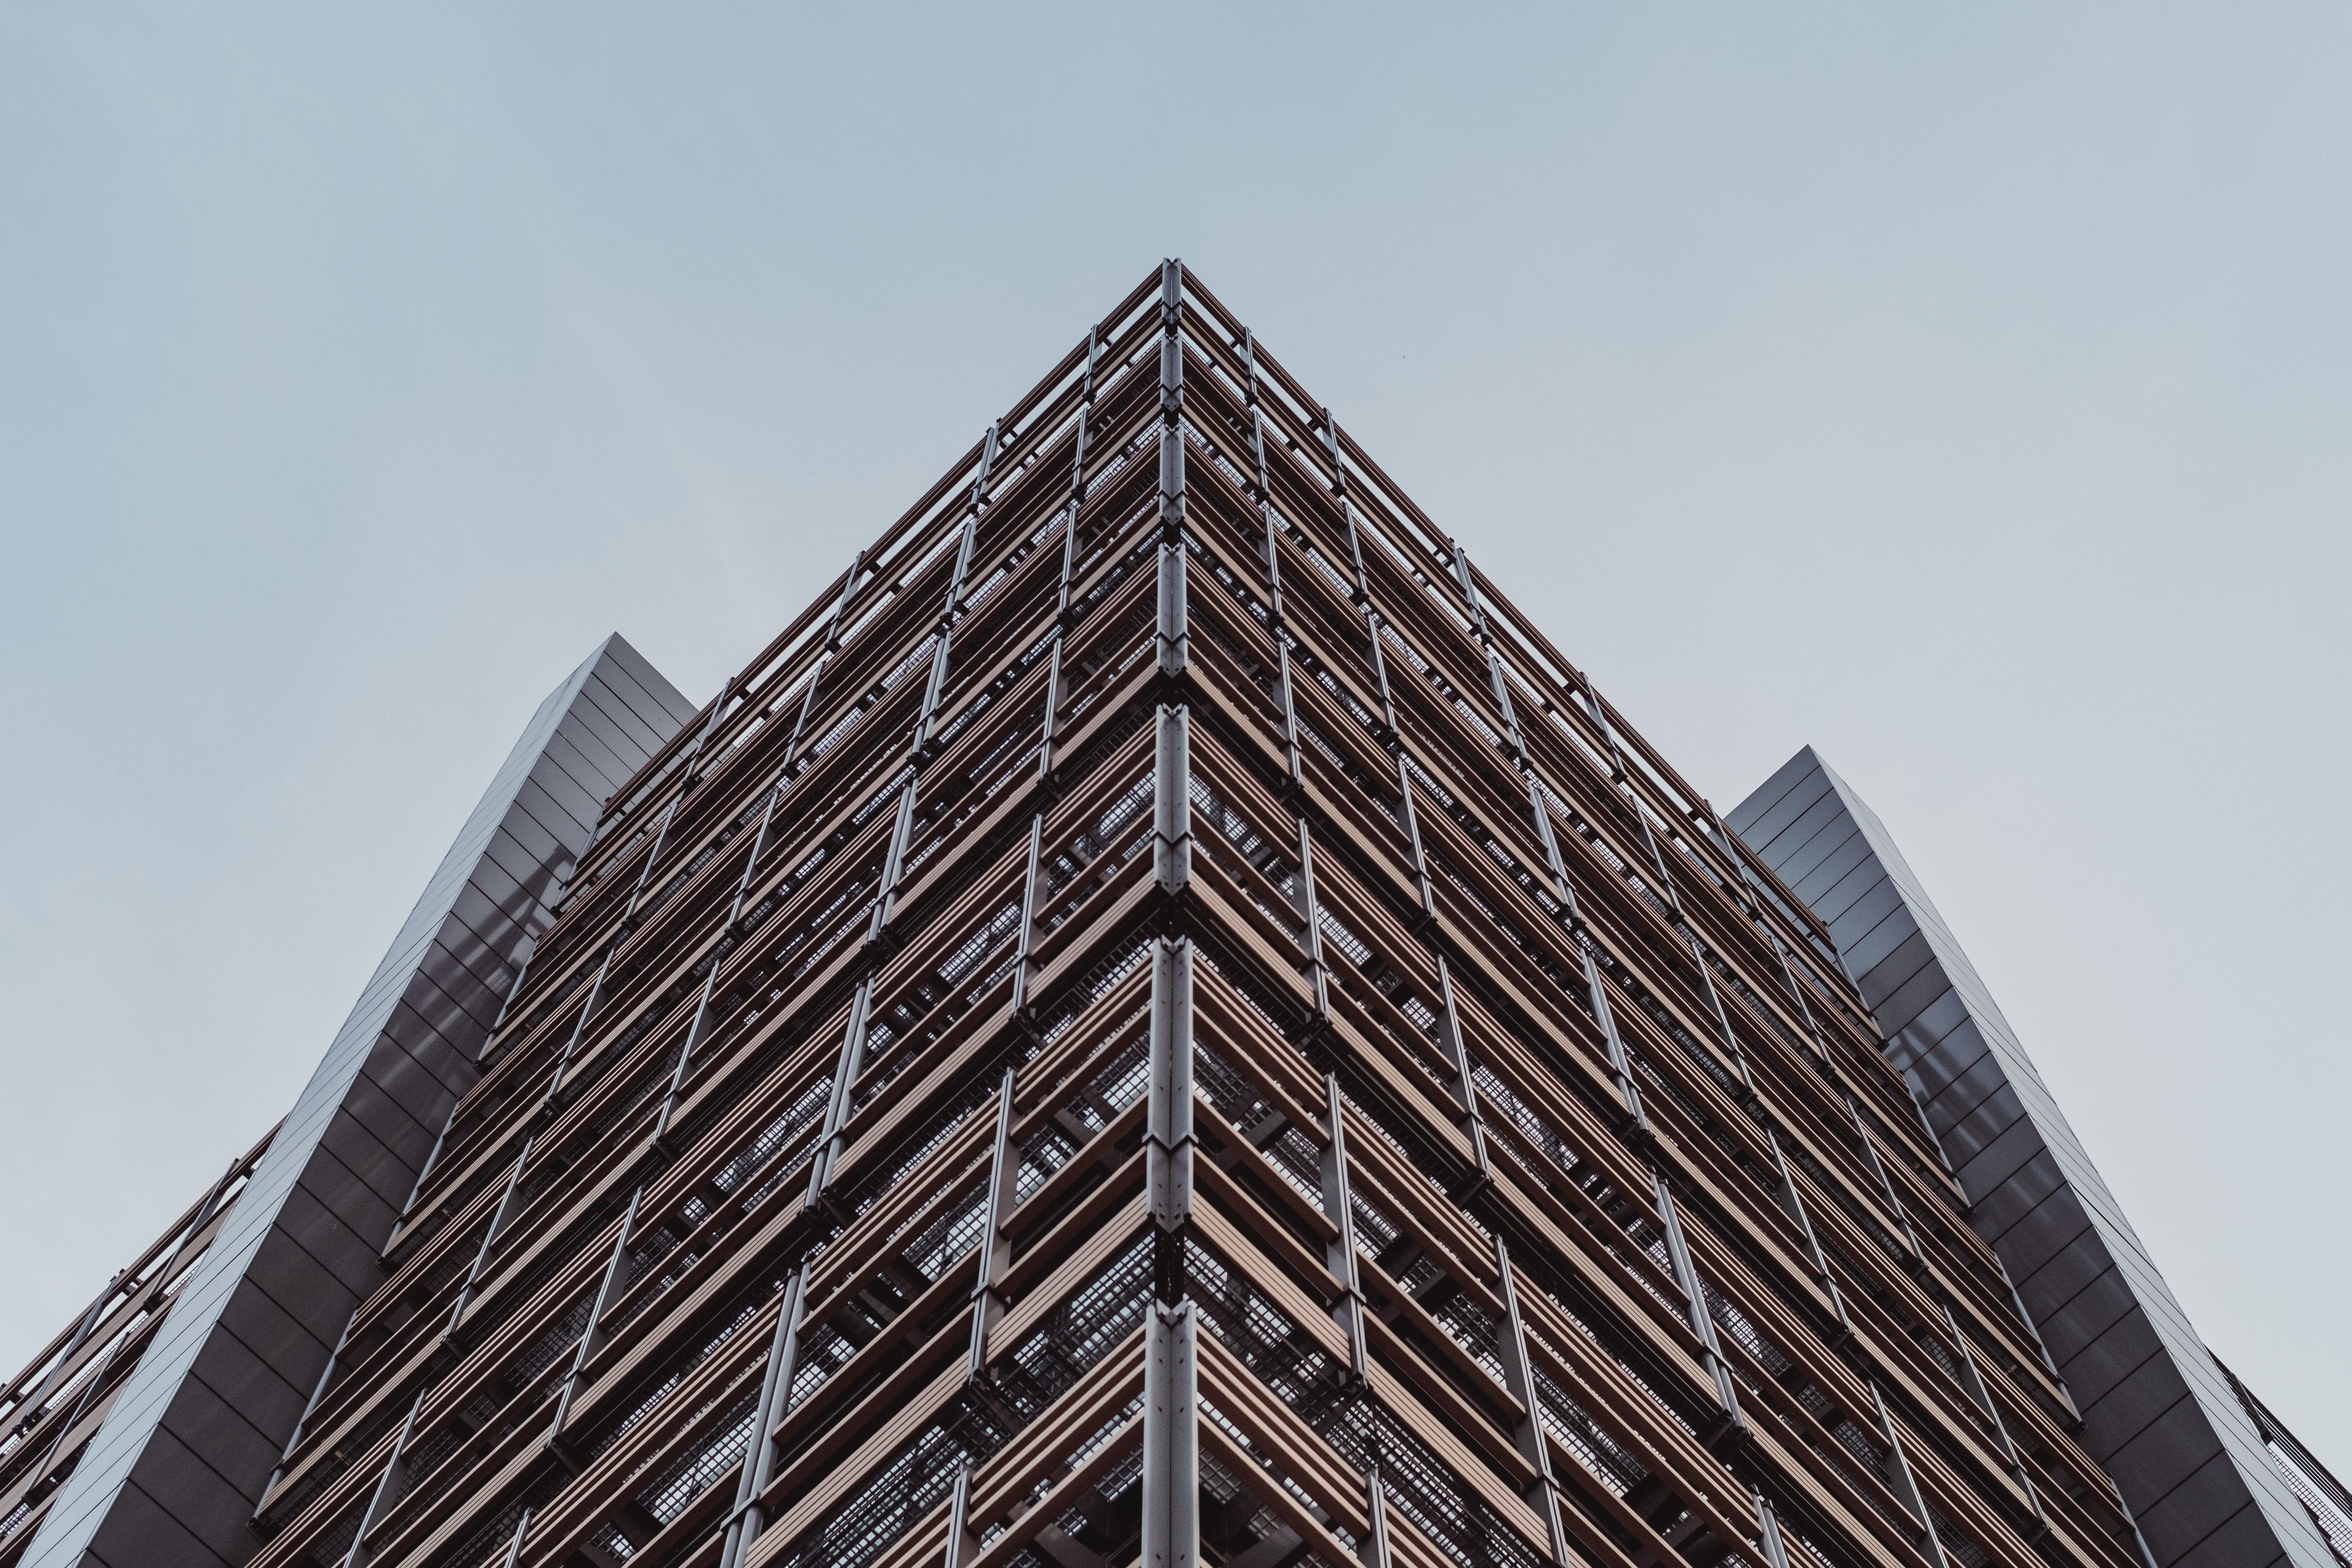 A rough office building facade in London